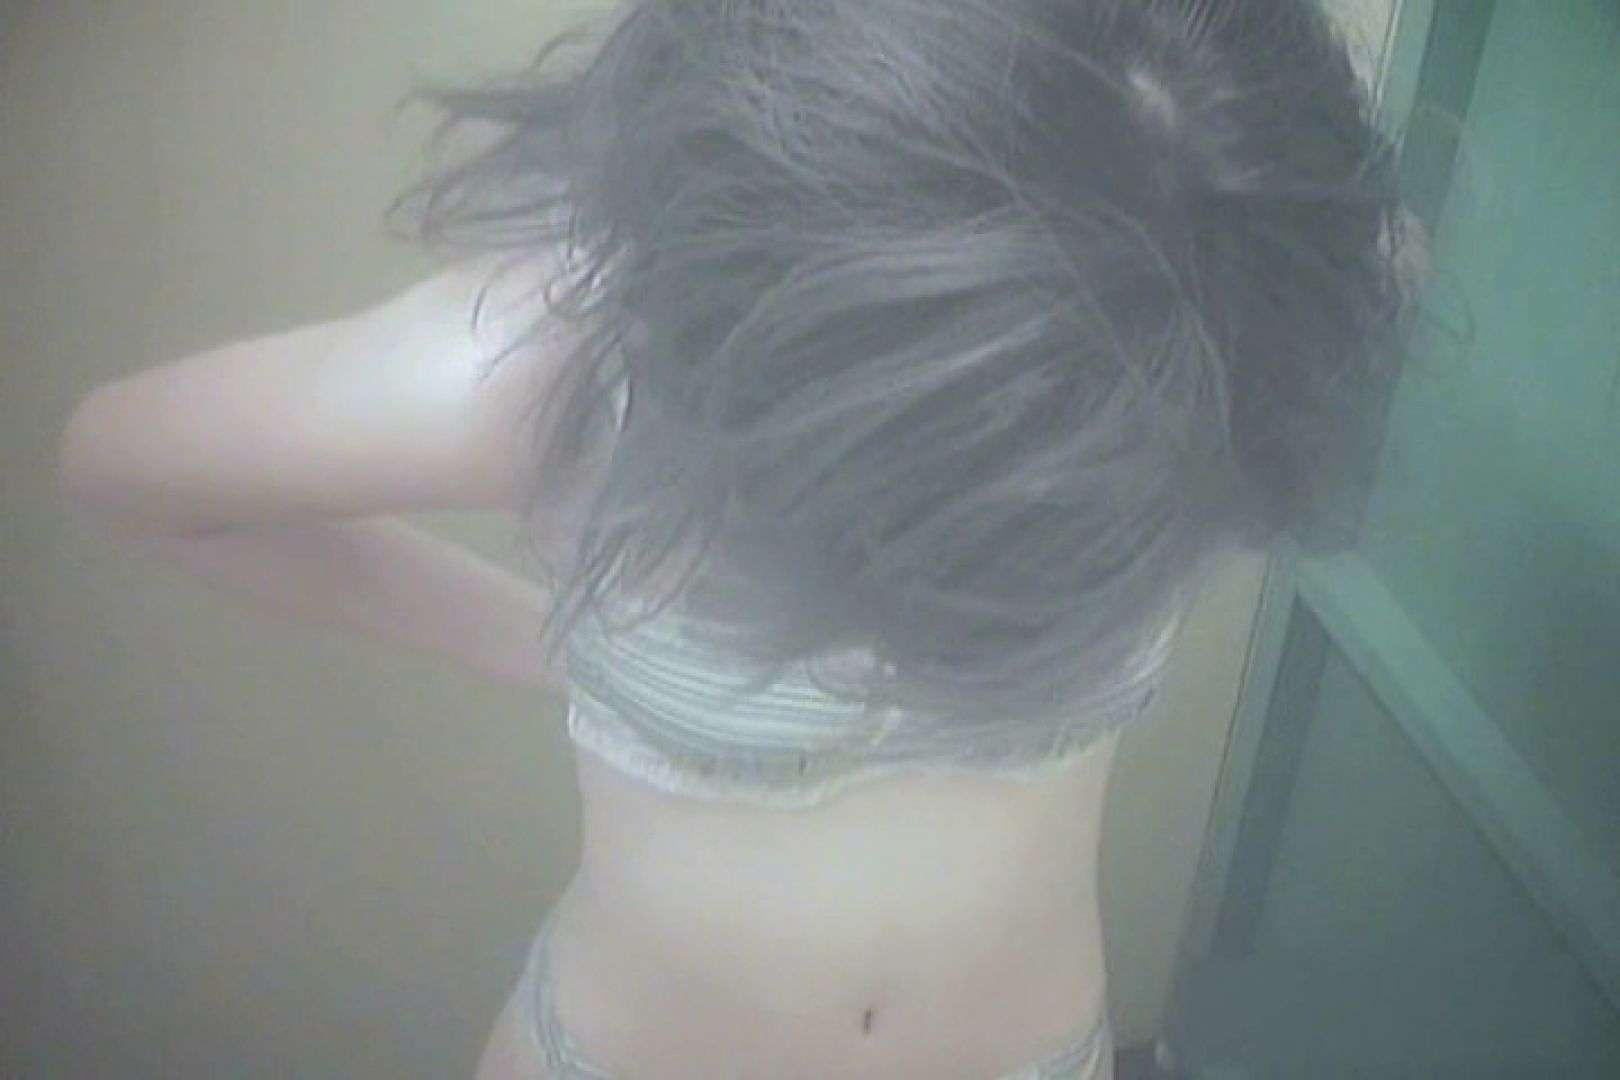 夏海シャワー室!ベトベトお肌をサラサラに!VOL.07 脱衣所の着替え えろ無修正画像 104画像 28